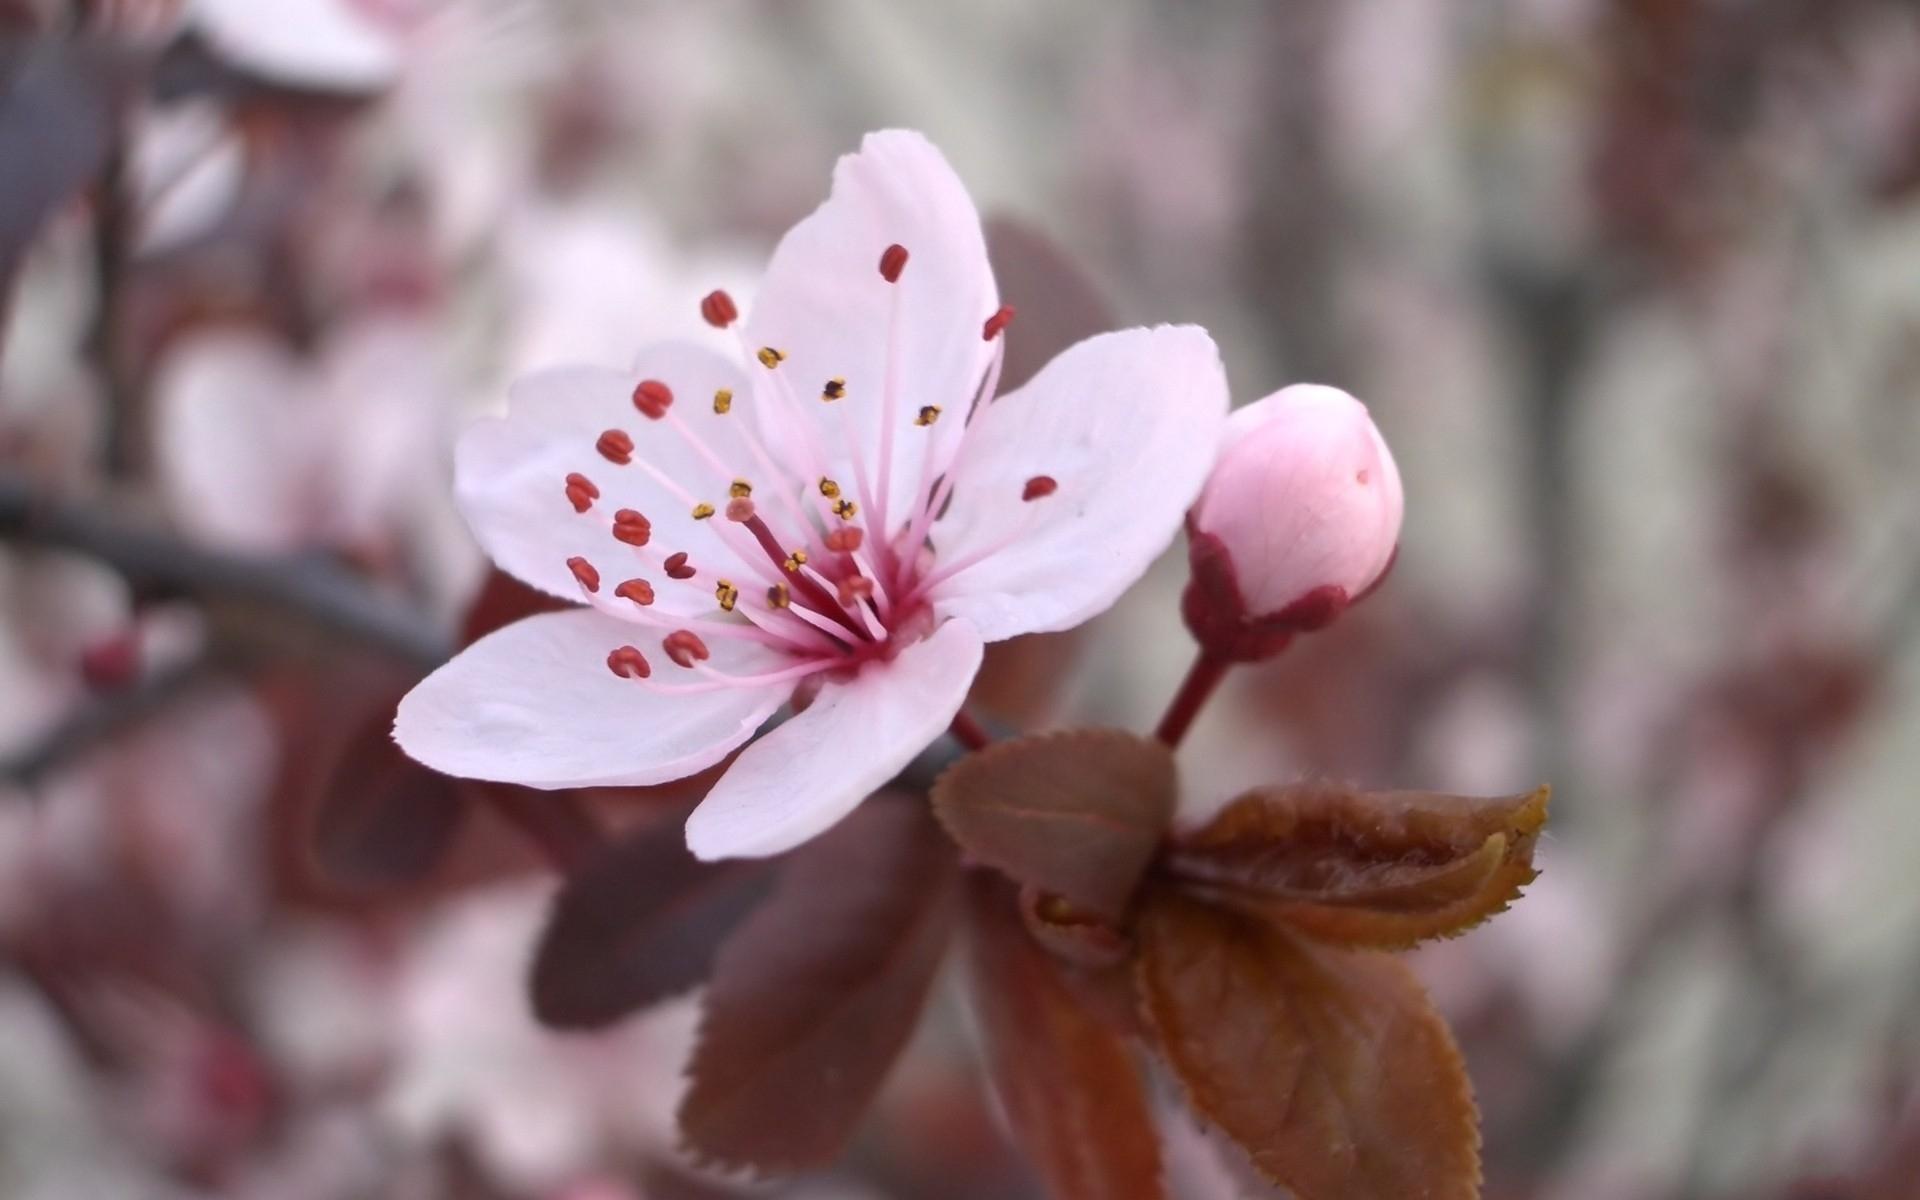 армянские цветы вишни фото картинки имя